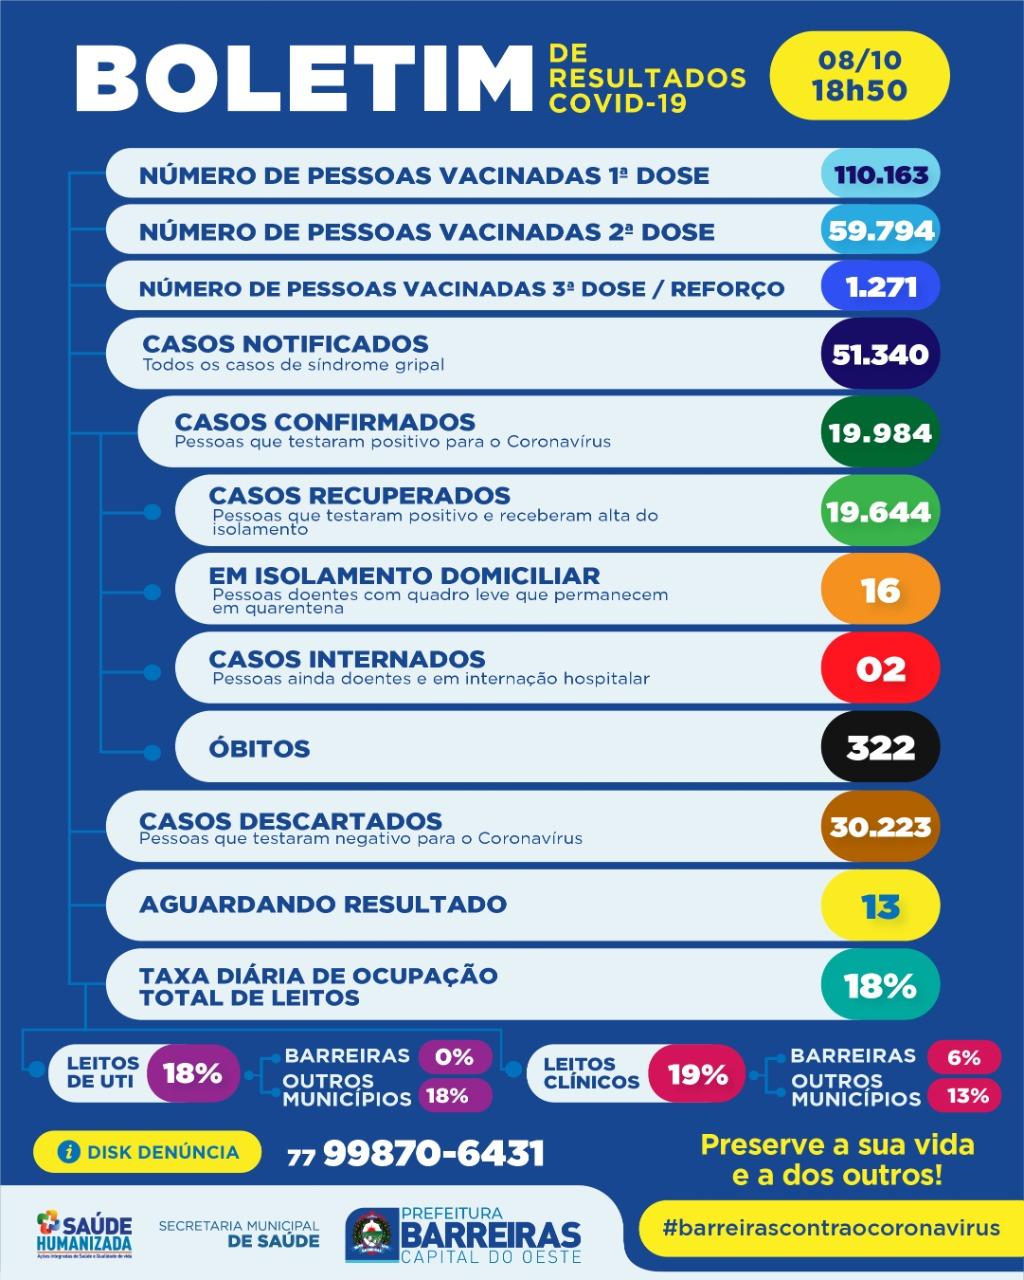 Covid-19 em Barreiras: Veja os números do boletim desta sexta-feira, 08